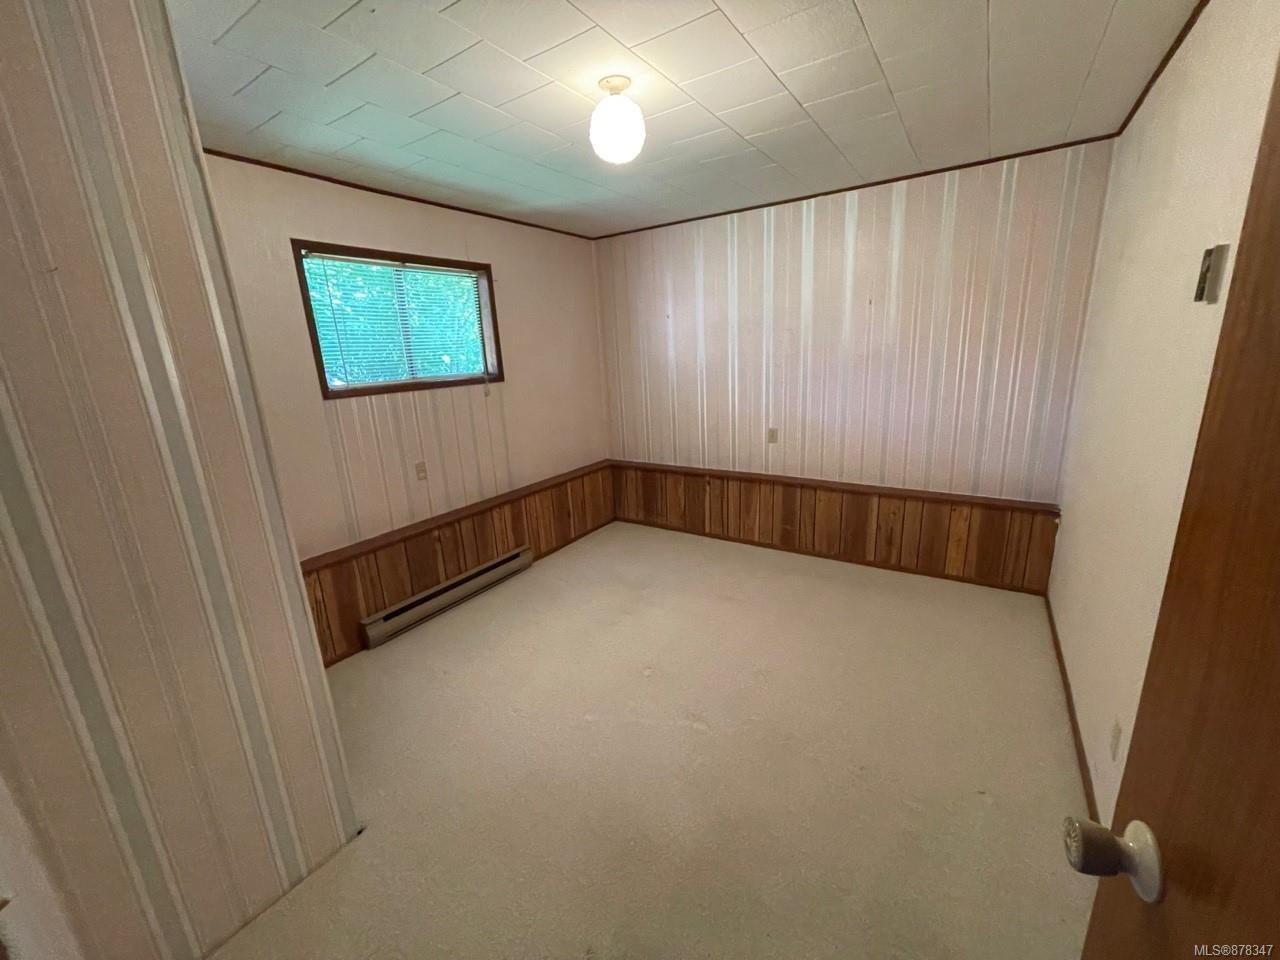 Photo 12: Photos: 334 Texada Pl in : CV Comox (Town of) House for sale (Comox Valley)  : MLS®# 878347